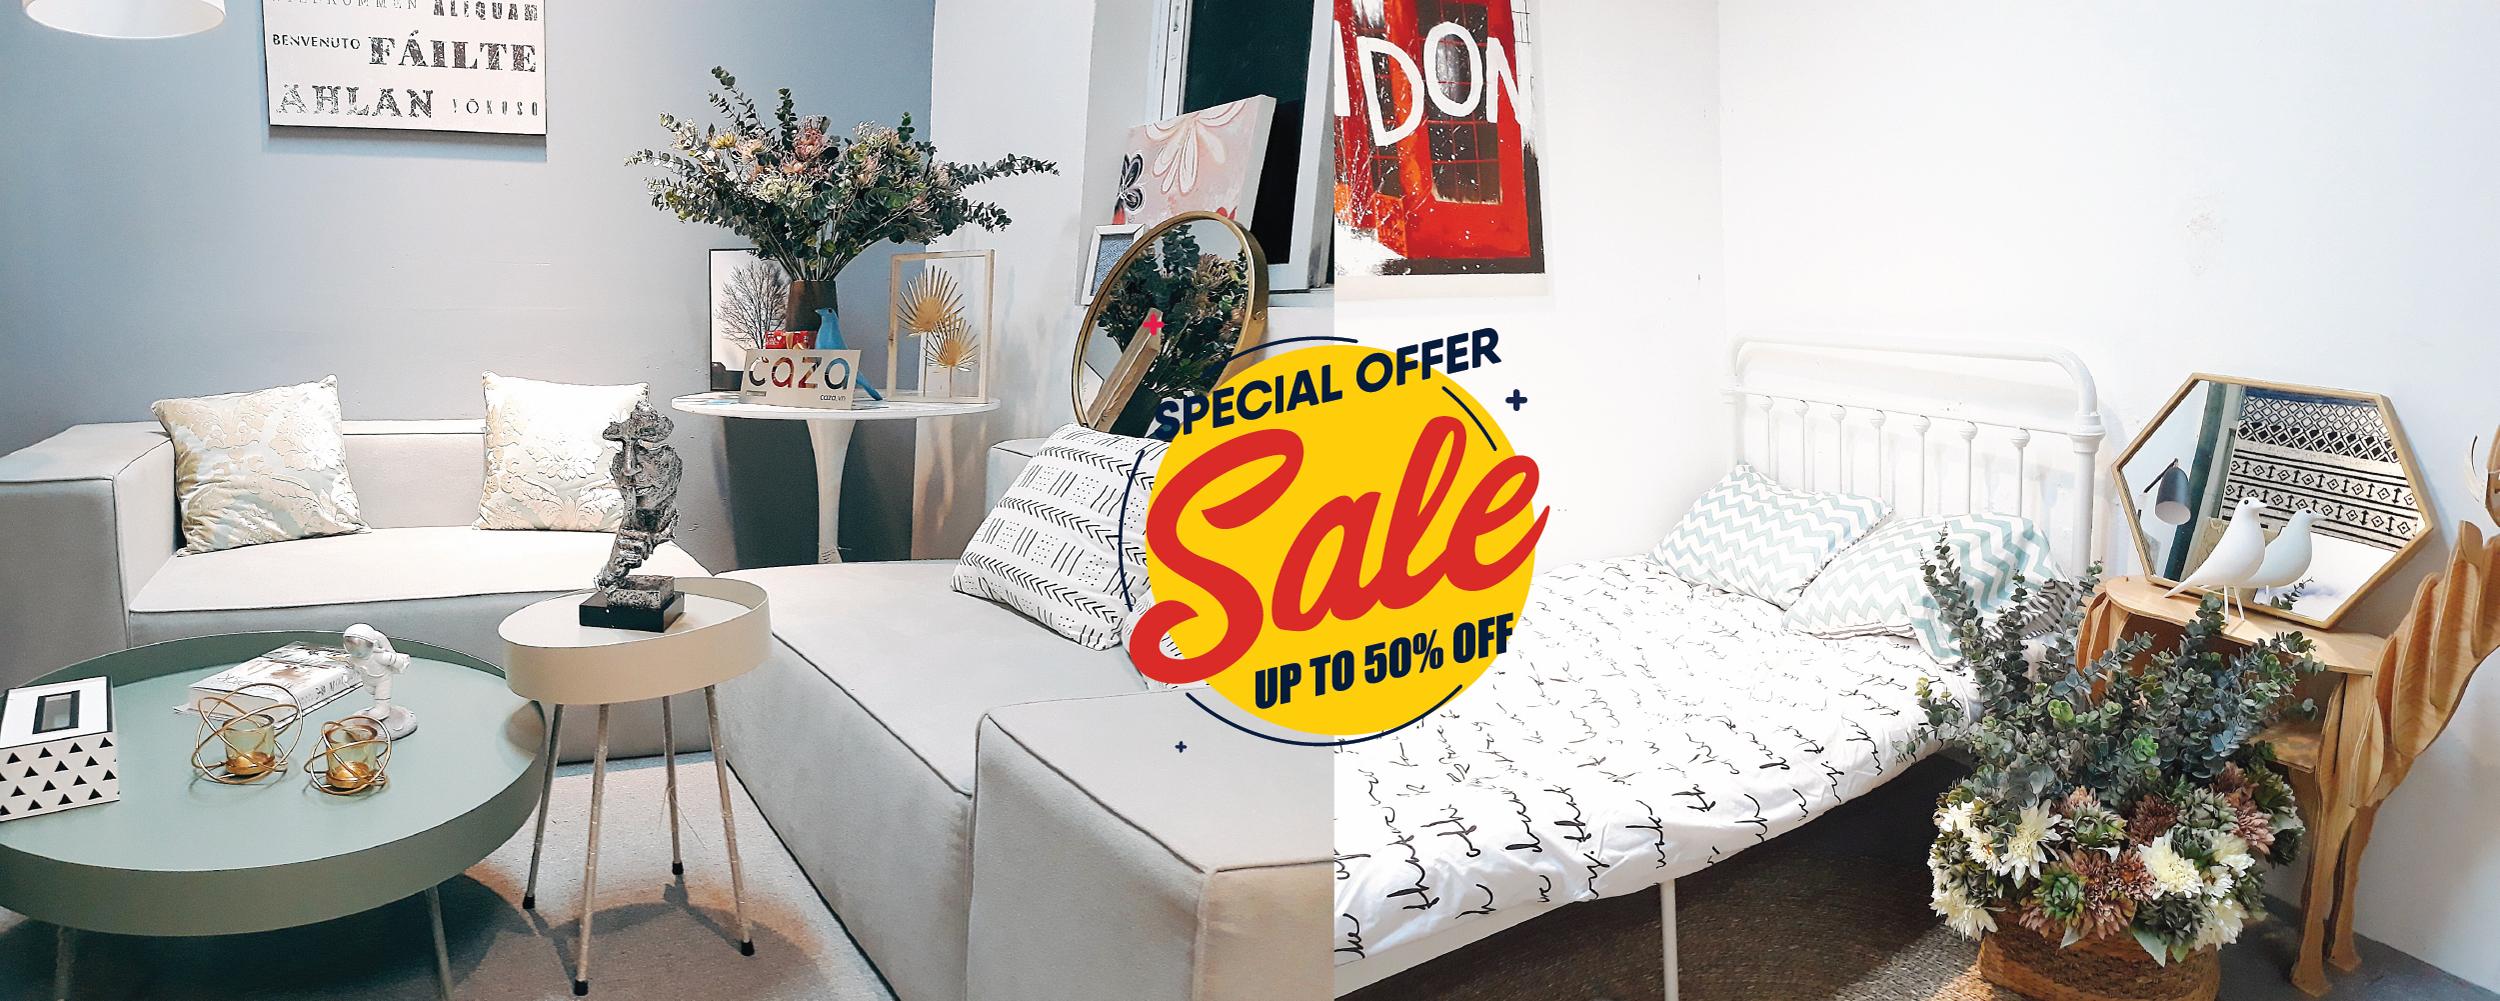 Xả kho hàng nội thất - Chuyển địa điểm - Giảm giá sốc lên tới 50% - caza.vn